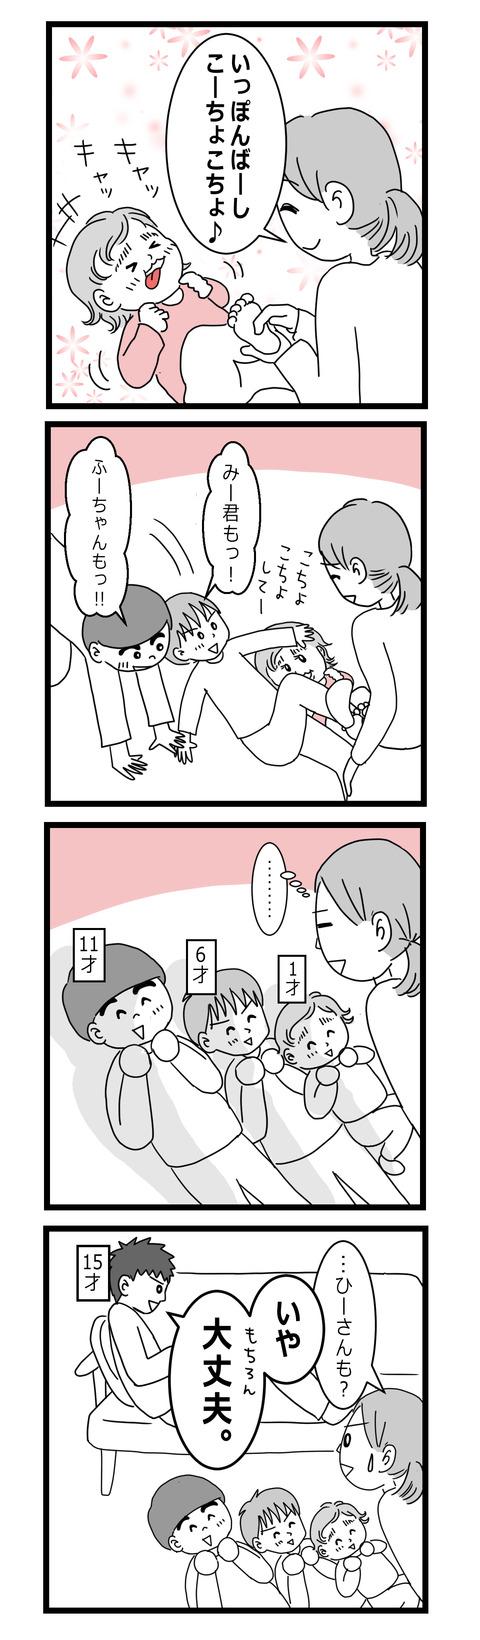 56 いっぽんばしこちょこちょ(1才〜1才半)